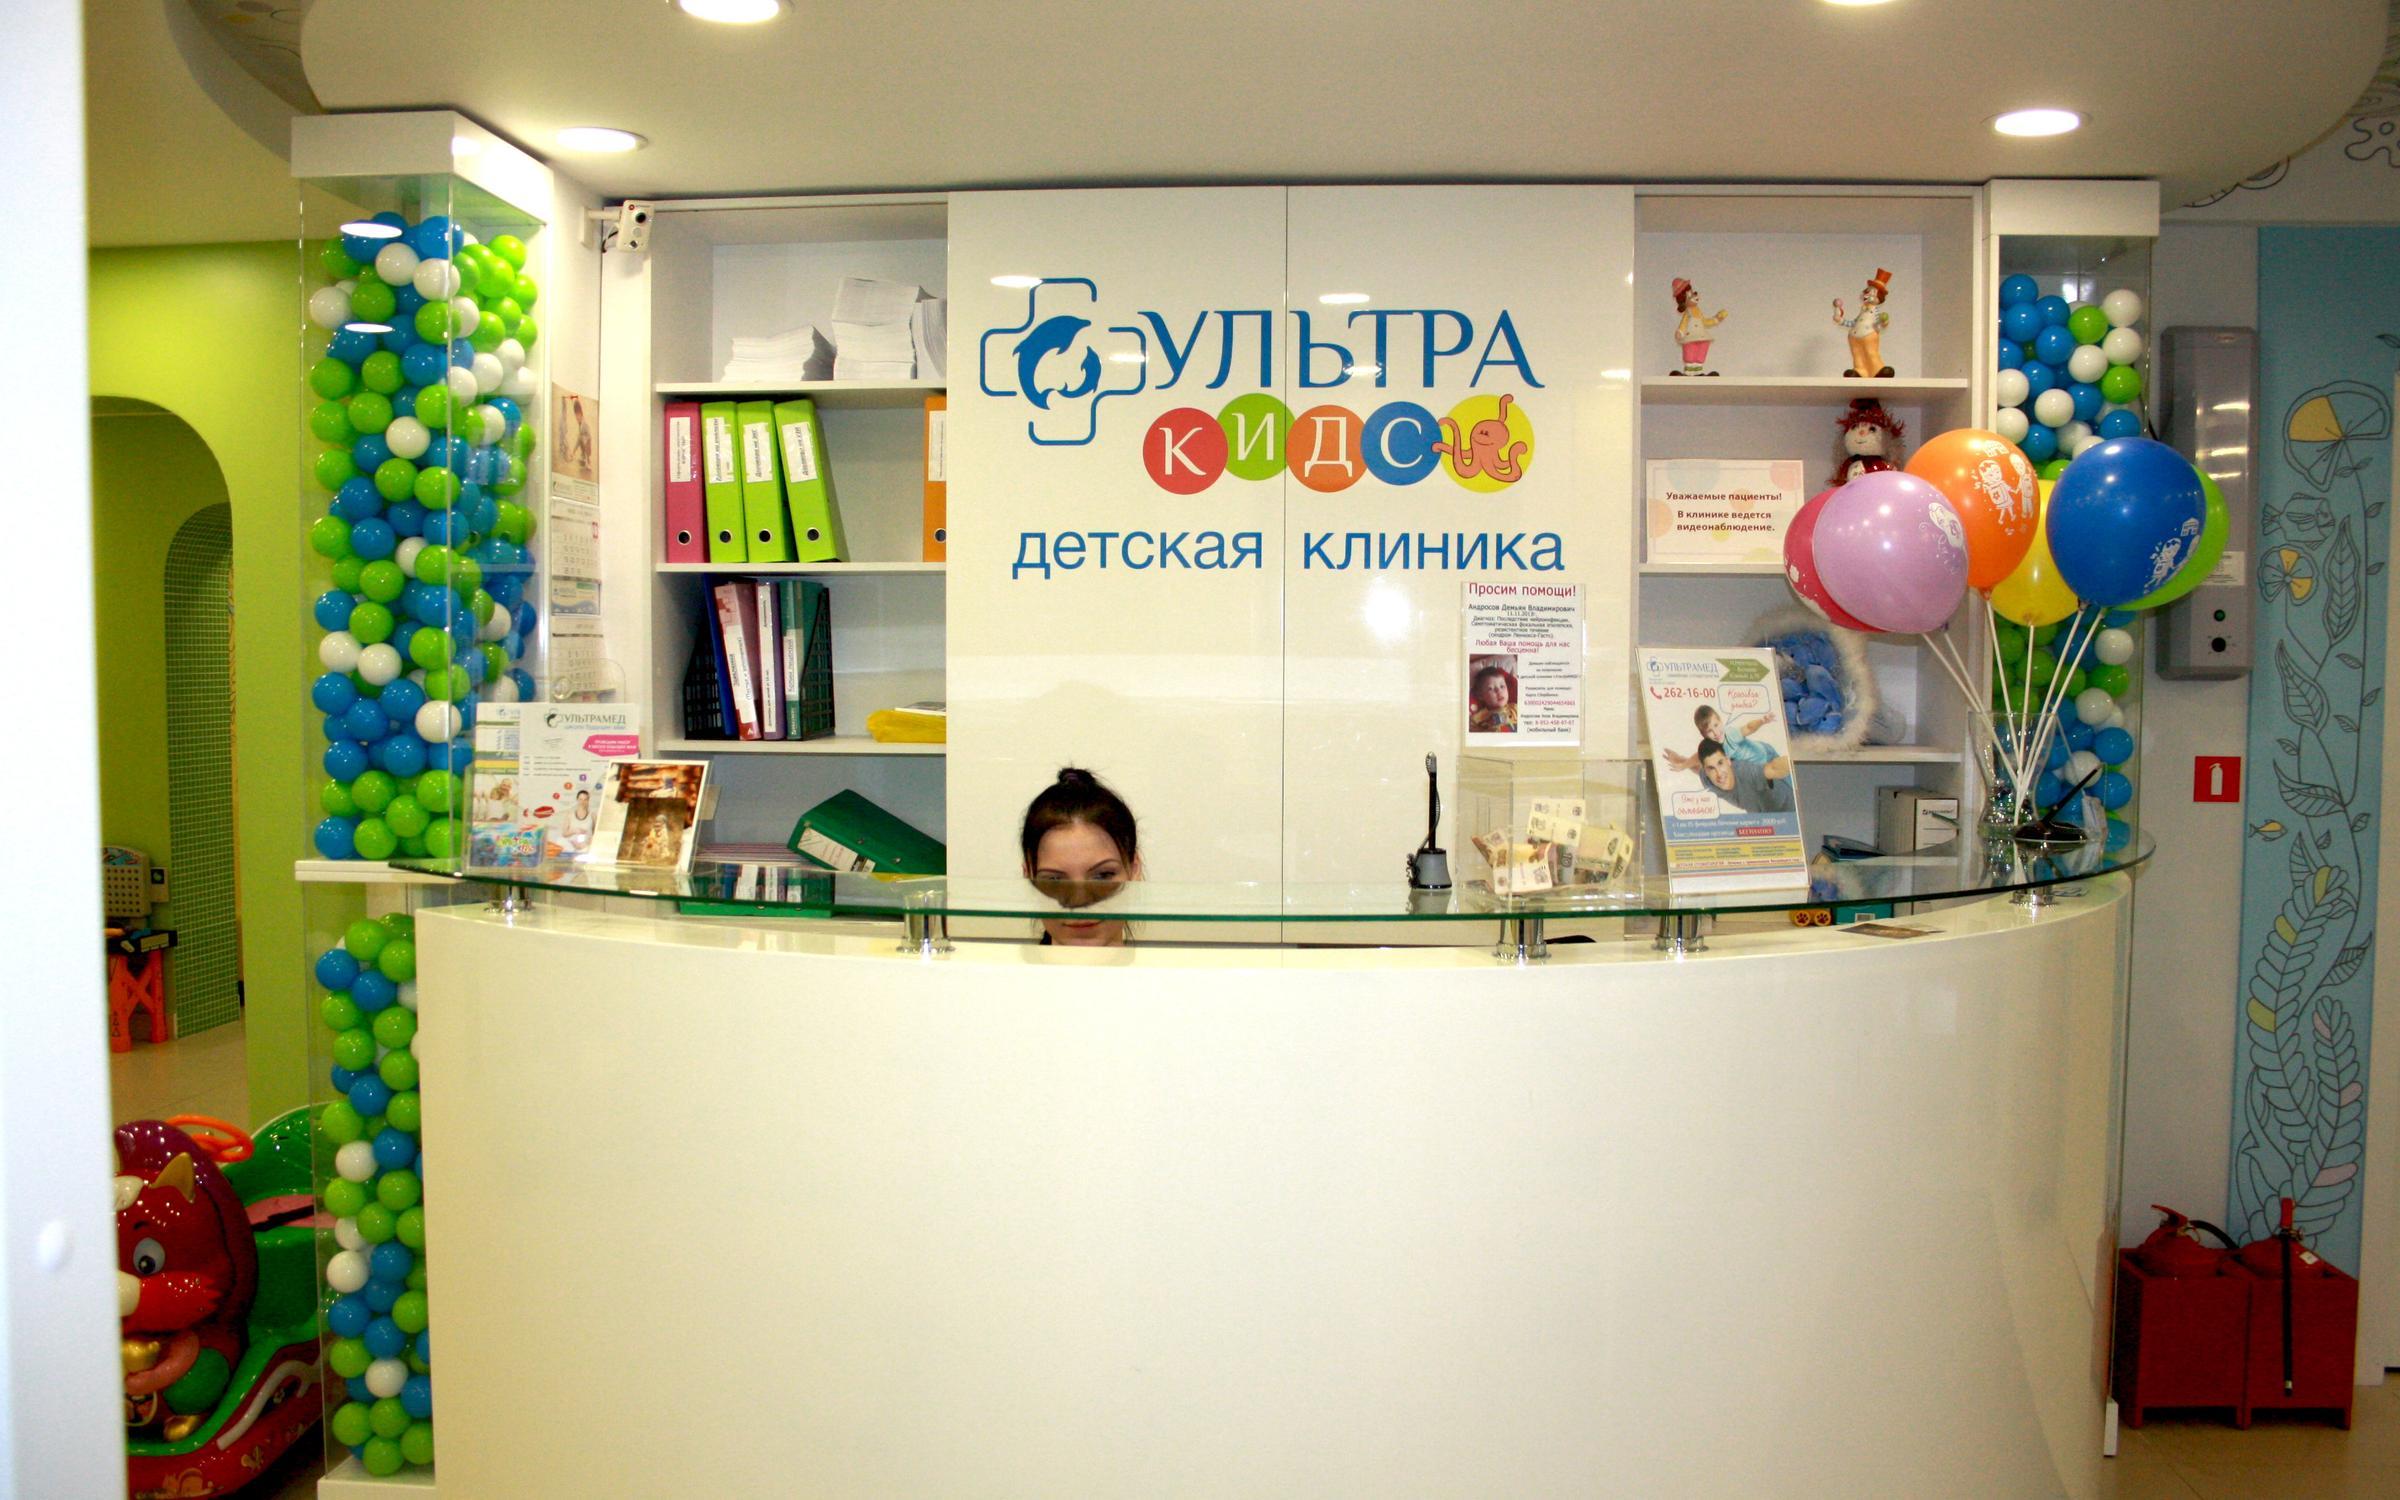 фотография Детской клиники УльтраКИДС на улице Янки Купалы